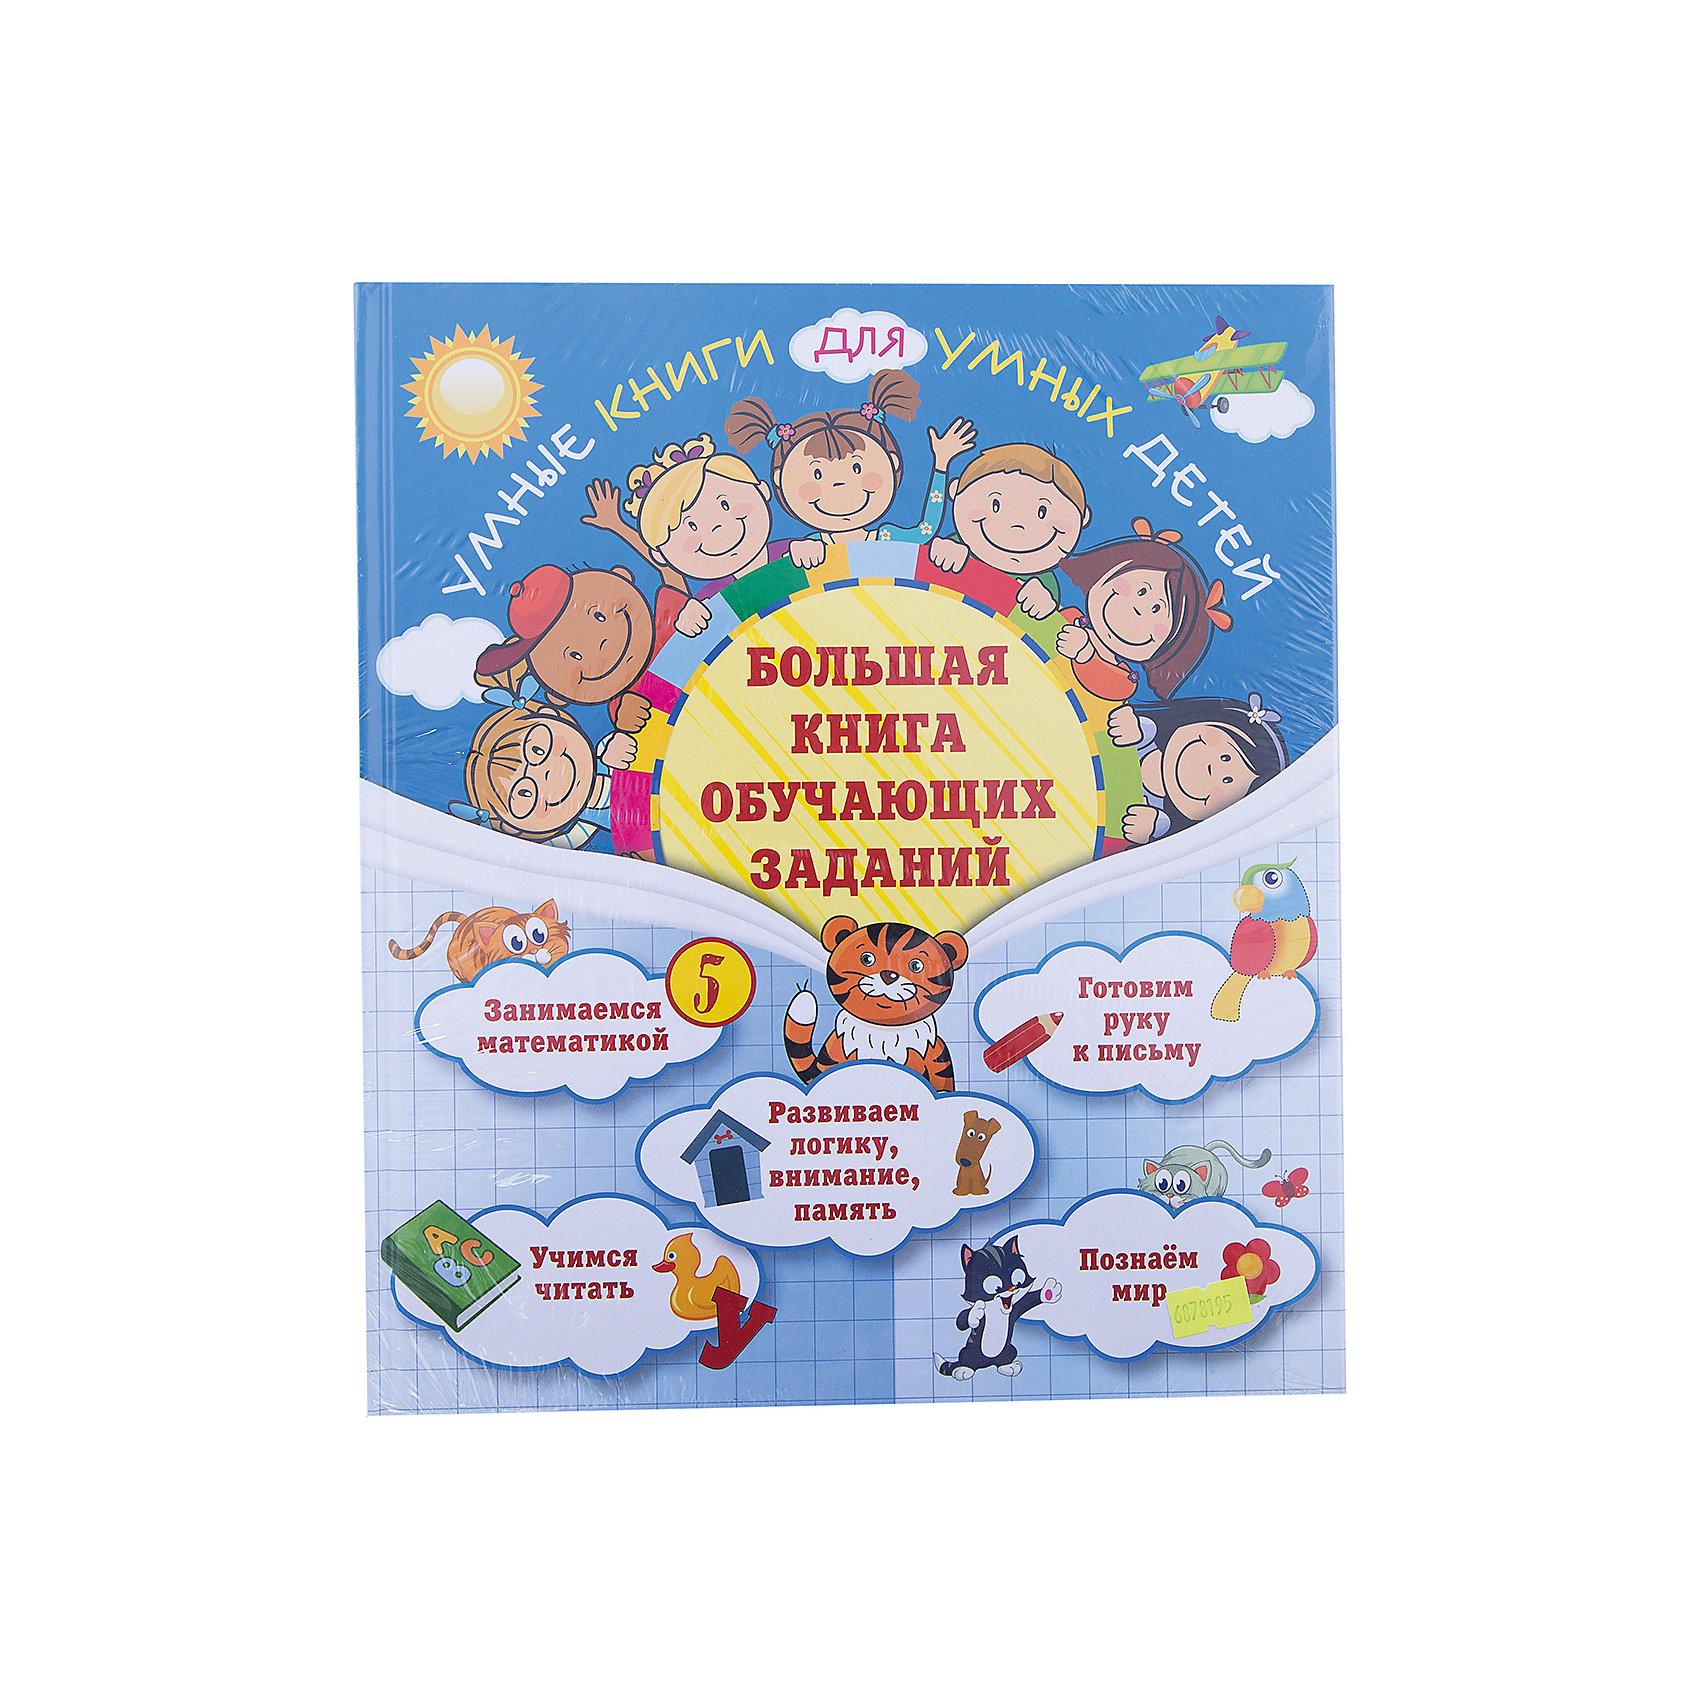 Большая книга обучающих заданийОбучение счету<br>Обучение грамоте, письму, арифметике, логическому мышлению — важнейшие составляющие не только интеллектуального развития, но и подготовки ребенка к школе.<br>       Два весёлых друга — котёнок и щенок — помогут малышу поупражняться в узнавании букв и чтении, повторить числа и арифметические действия, развить логику, внимание и память, научиться писать буквы, а тщательно подобранные красочные рисунки и фотографии расширят представление ребенка об окружающем мире.<br>      Внизу каждой страницы имеются методические рекомендации, которые помогут родителям правильно сориентировать ребенка. <br>      Адресовано любознательным малышам и их заботливым родителям.<br><br>Ширина мм: 290<br>Глубина мм: 250<br>Высота мм: 10<br>Вес г: 642<br>Возраст от месяцев: 36<br>Возраст до месяцев: 72<br>Пол: Унисекс<br>Возраст: Детский<br>SKU: 6878195